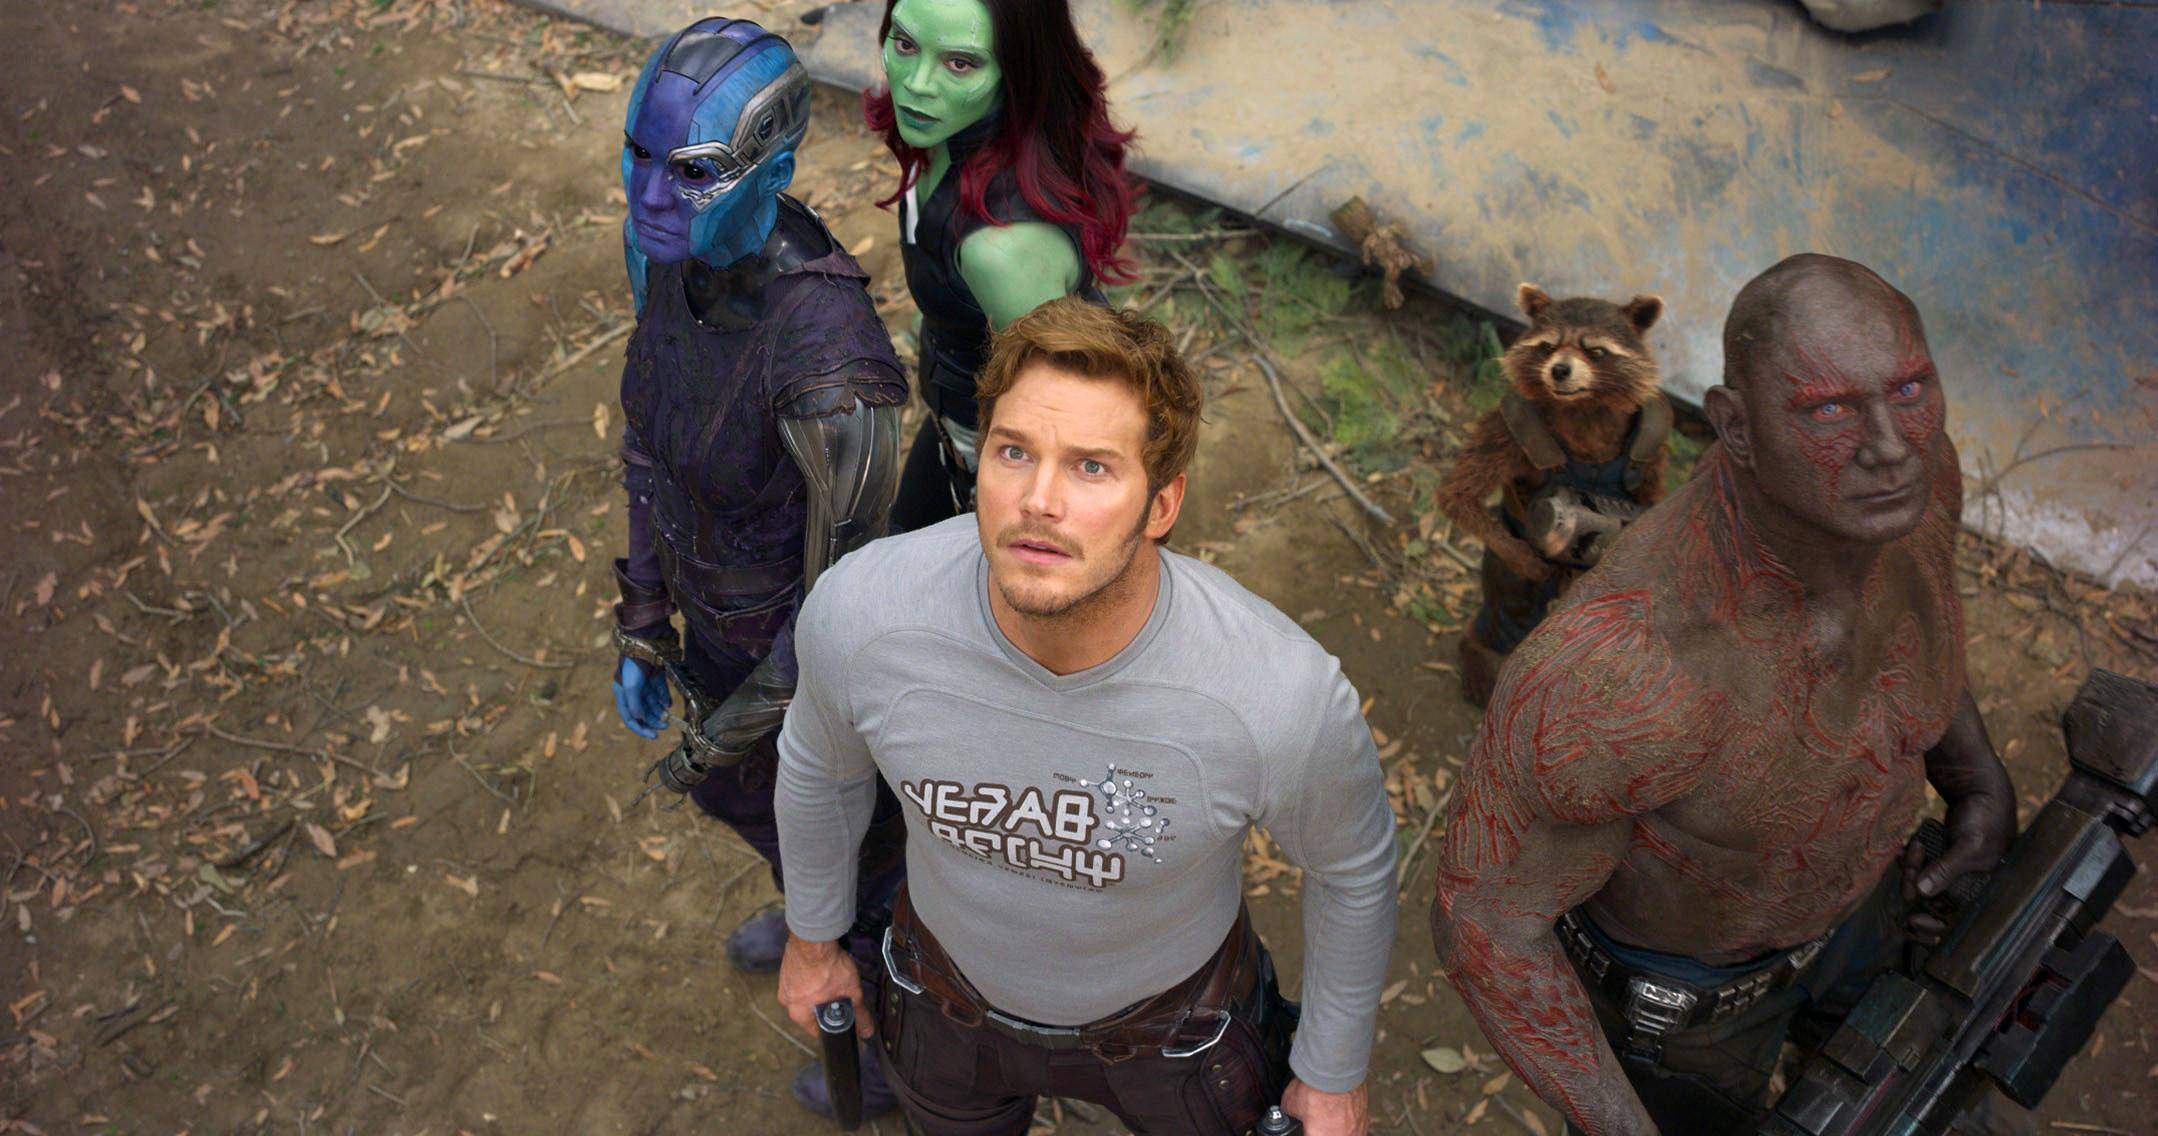 """Zoe Saldana, Karen Gillan, Chris Pratt, Dave Bautista, Rocket (voice: Bradley Cooper), and Groot (voice: Vin Diesel) in """"Guardians of the Galaxy Vol. 2"""""""